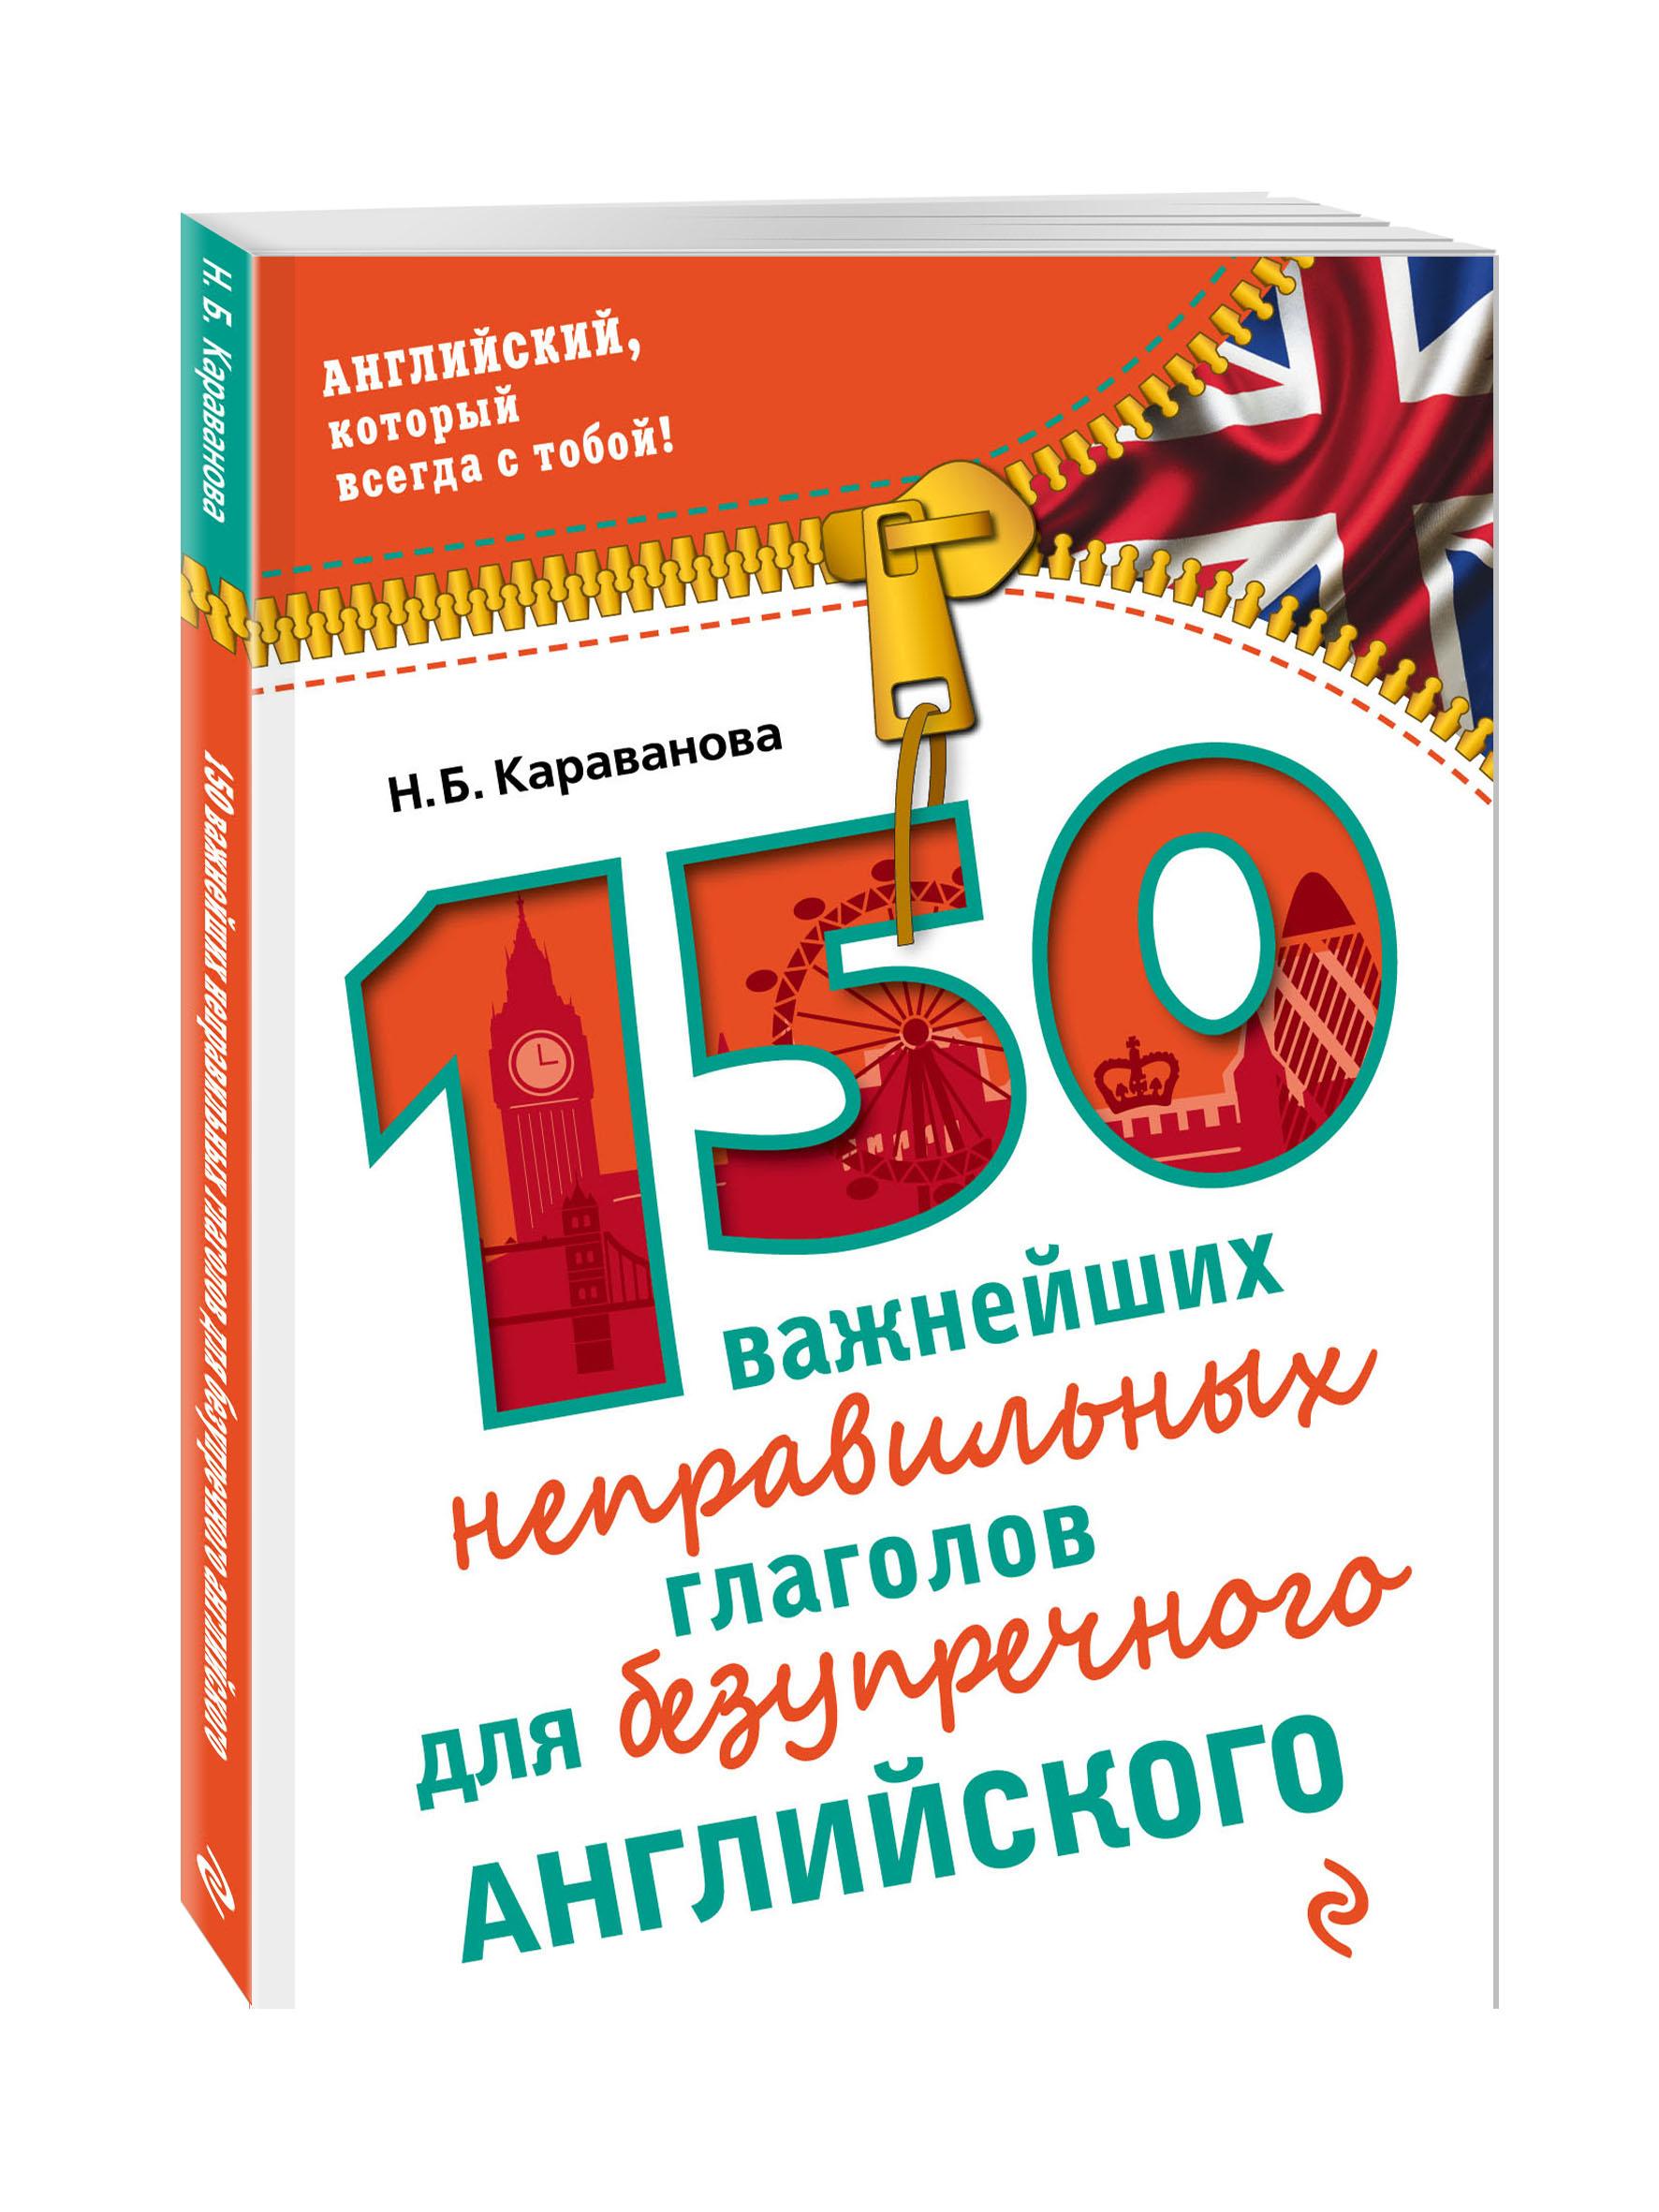 Н.Б. Караванова 150 важнейших неправильных глаголов для безупречного английского методика быстрого изучения неправильных английских глаголов аудиокнига mp3